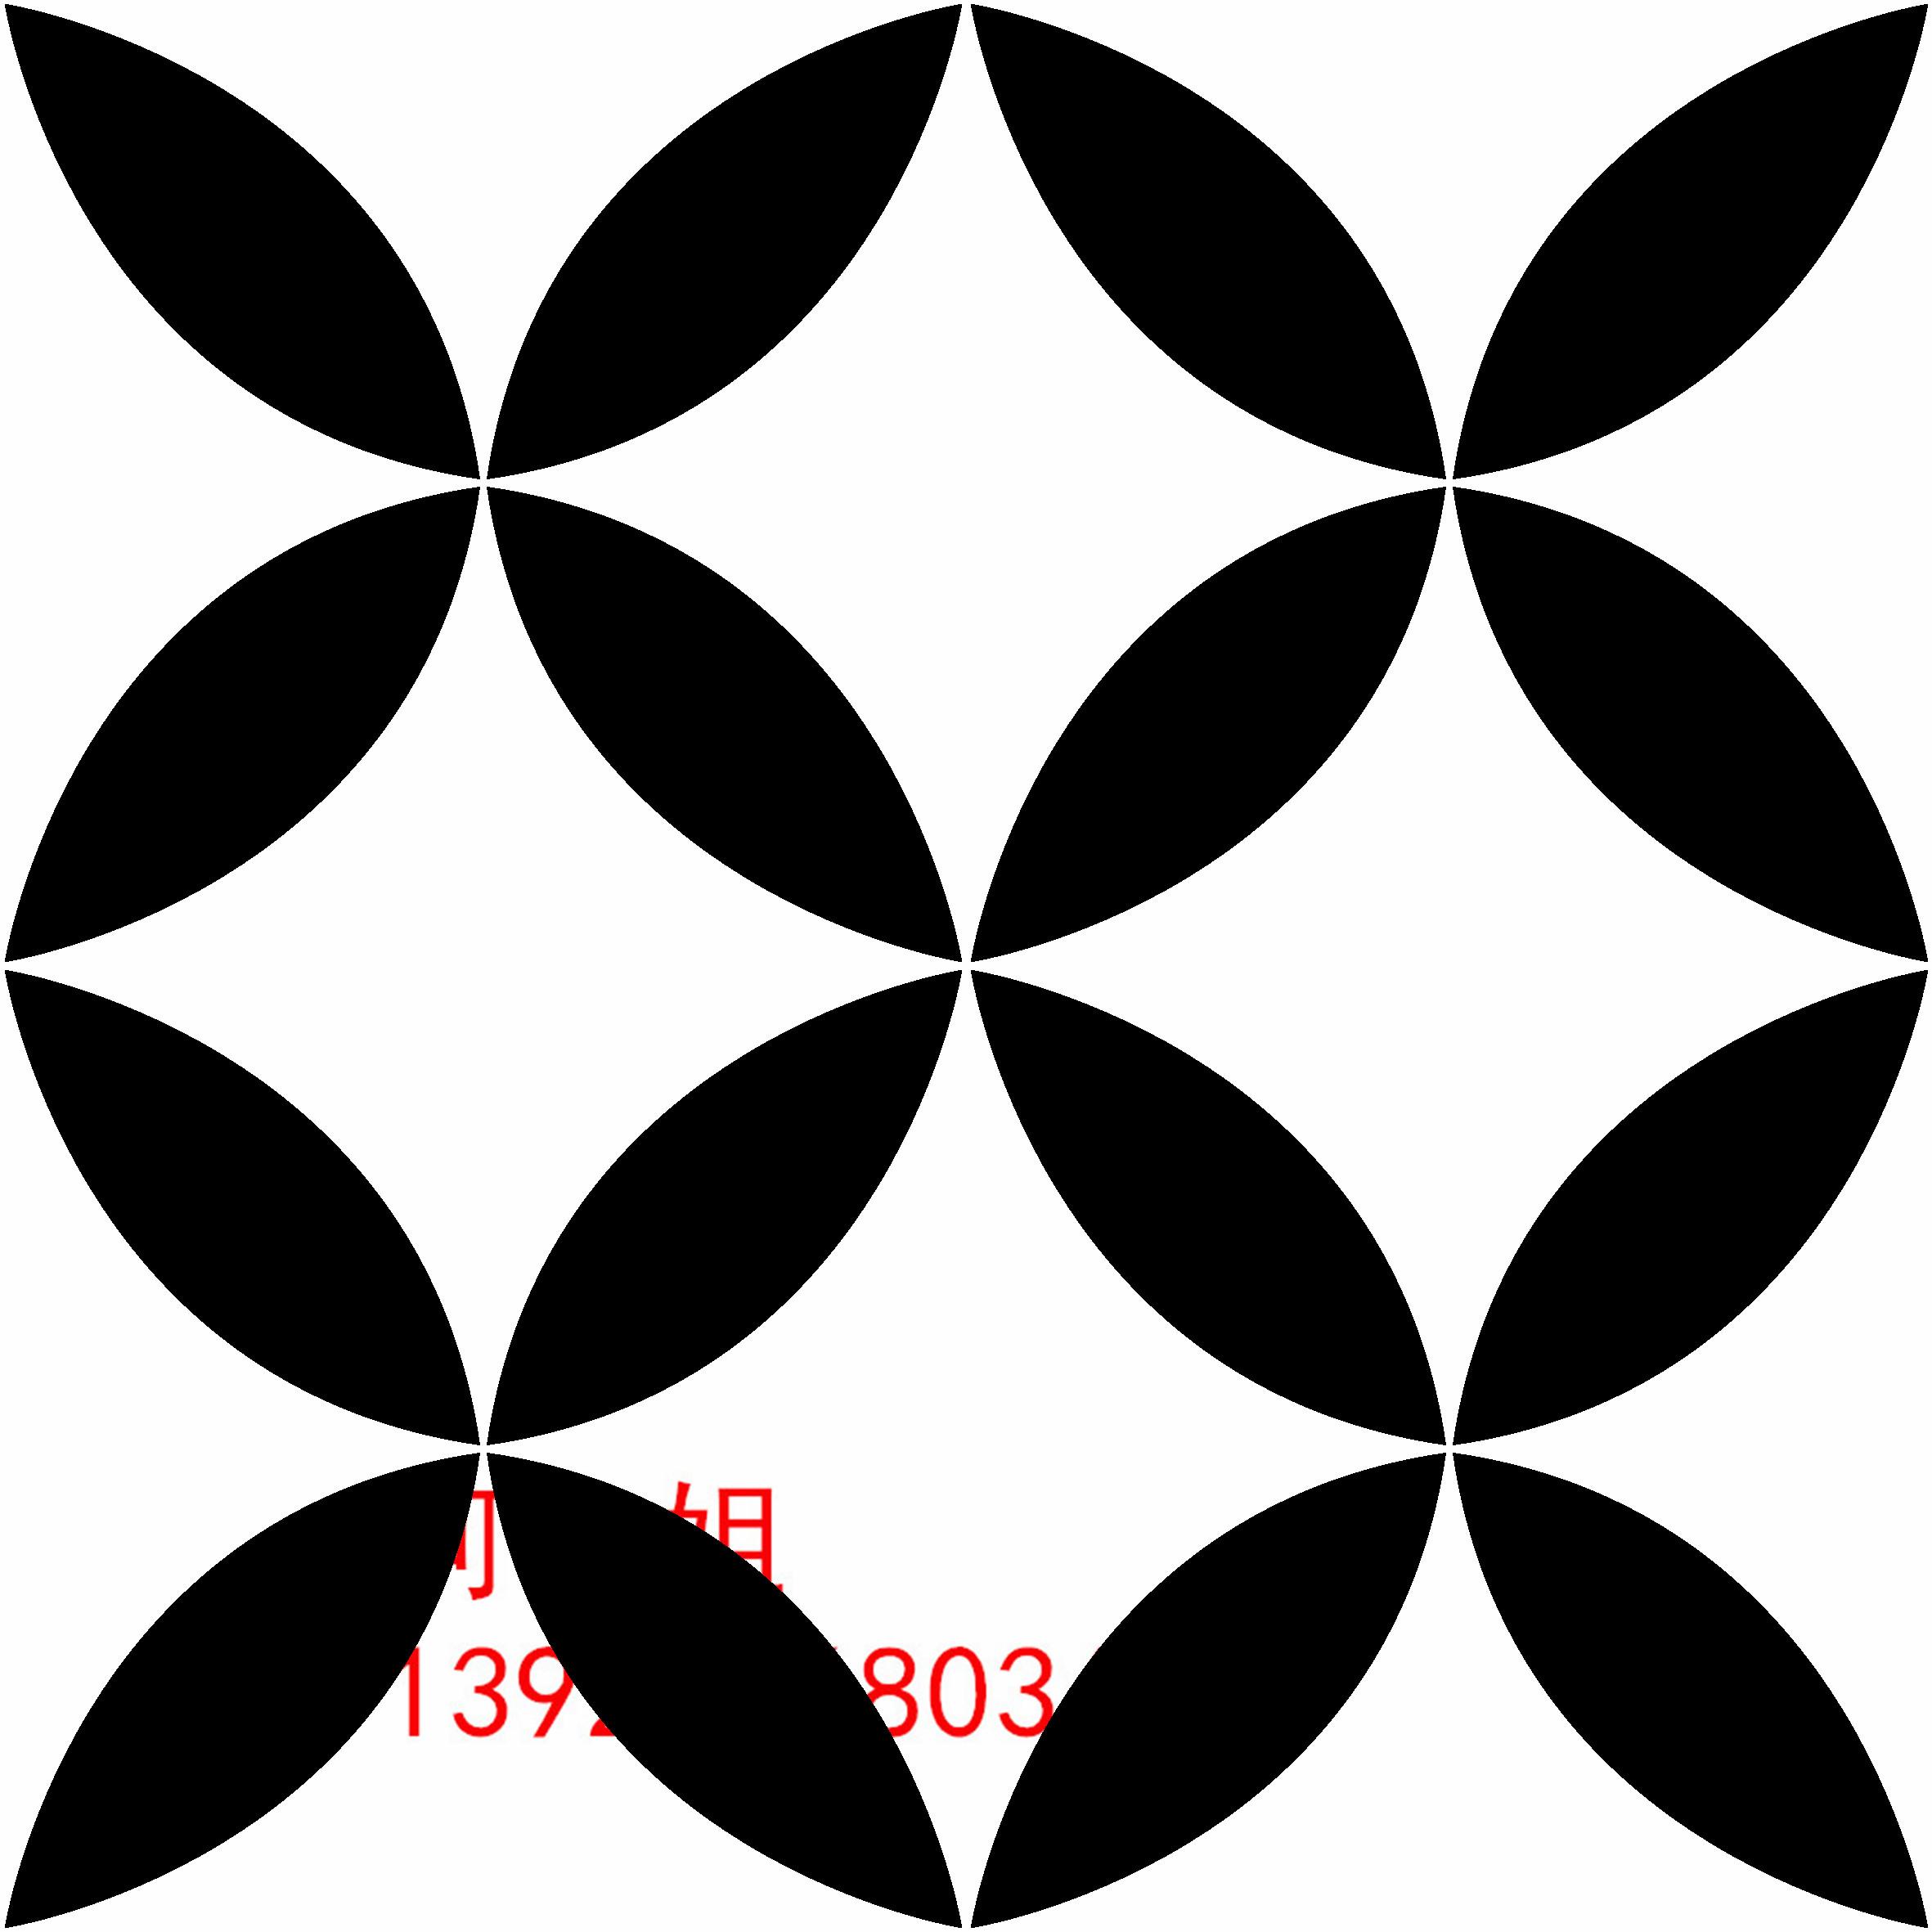 供应黑白色拼花砖200*200 地板砖 花砖瓷砖 背景墙玄关拼图拼花